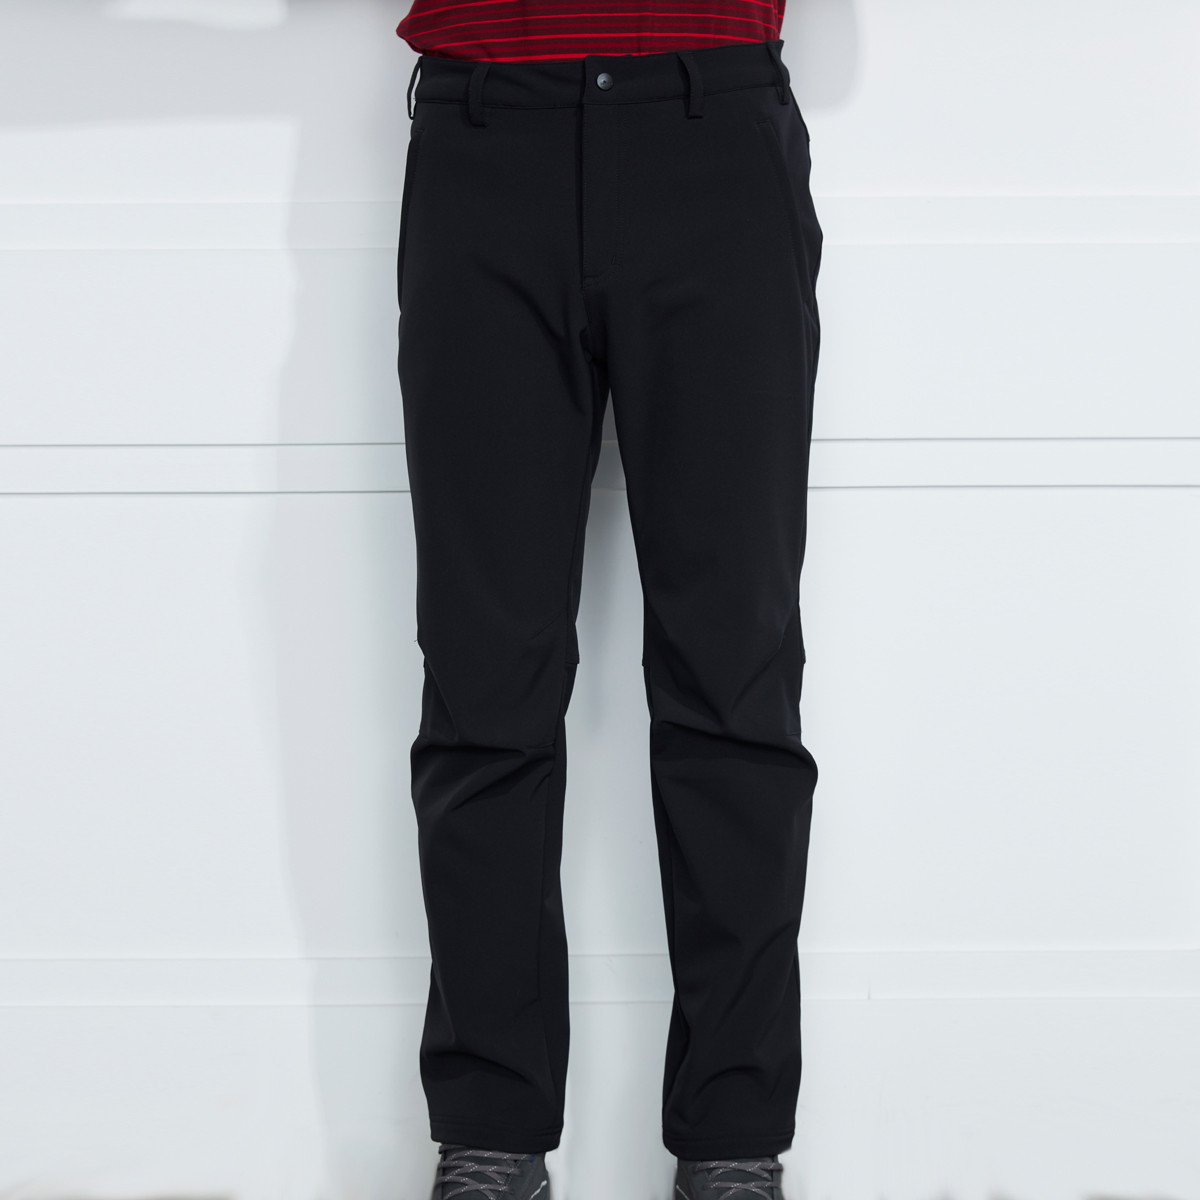 土拨鼠土拨鼠Marmot 冬季防风防泼水舒适透气M1 黑石男士软壳裤J80980001